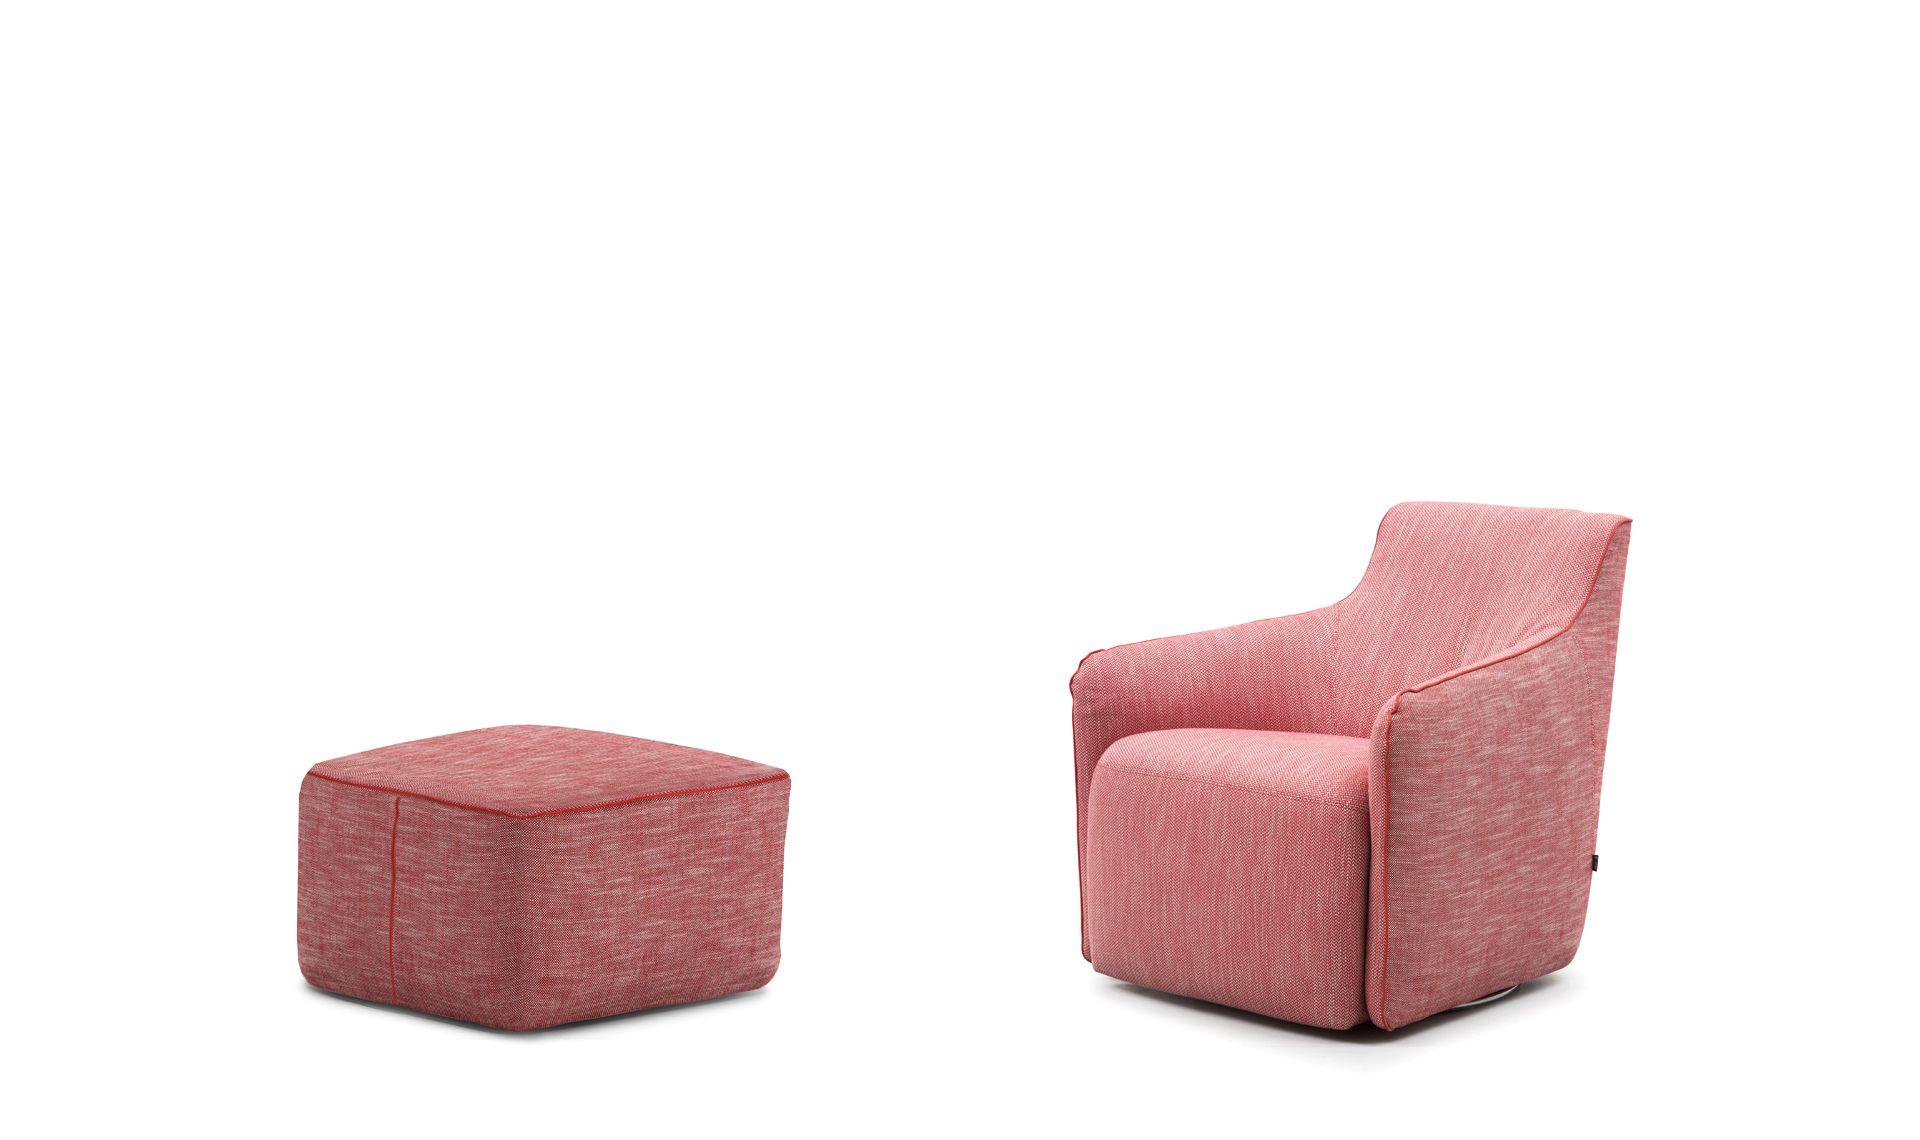 Tavolino Poggiapiedi ~ Jetset può essere anche accompagnata dal comodissimo poggiapiedi